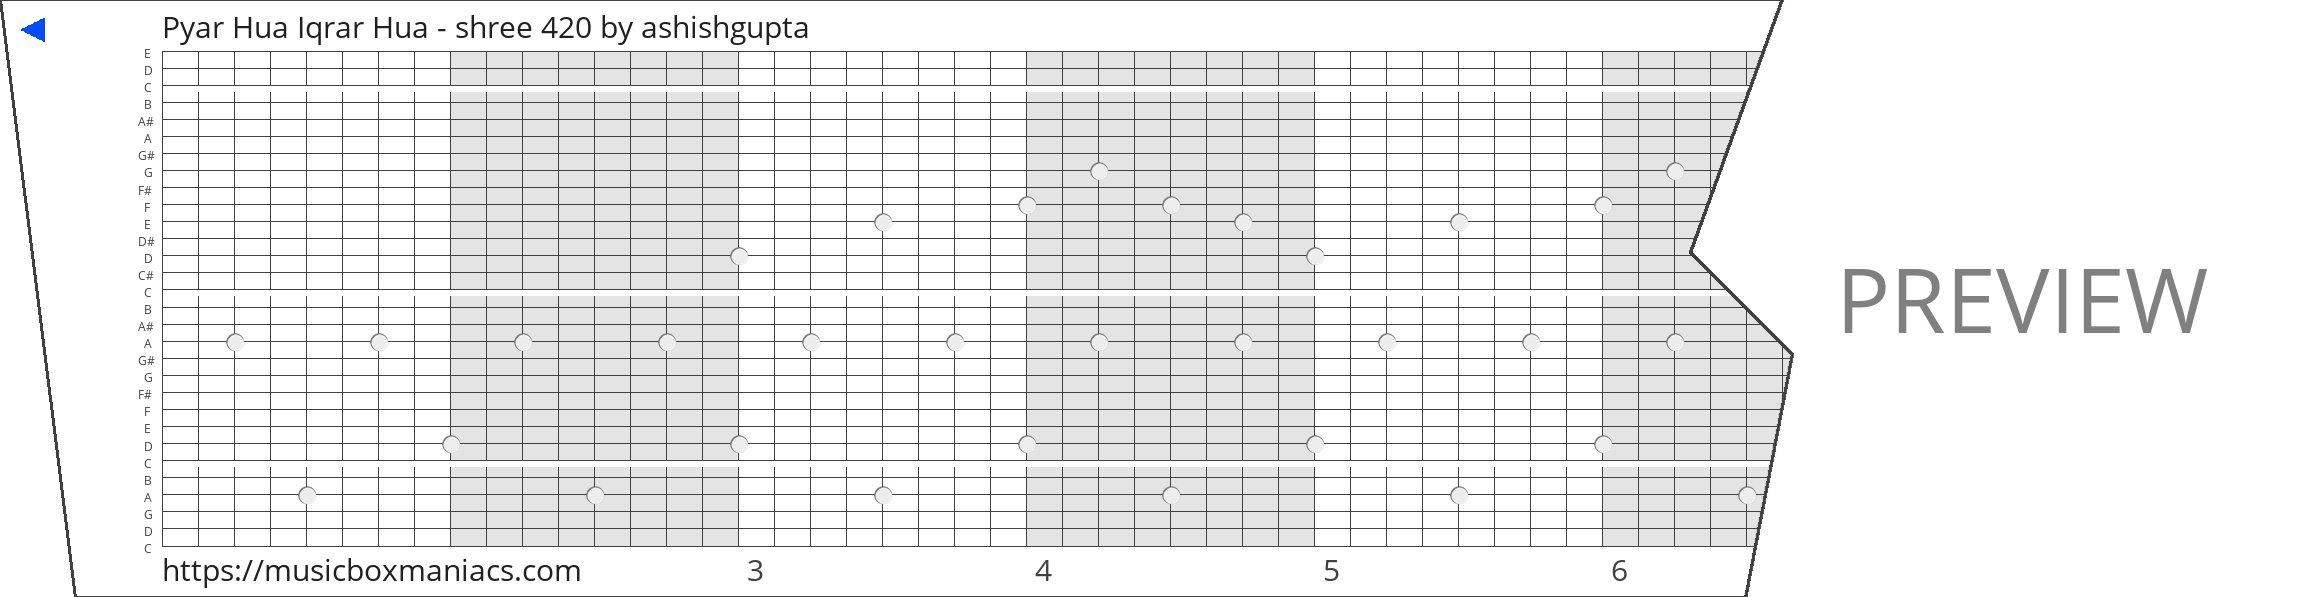 Pyar Hua Iqrar Hua - shree 420 30 note music box paper strip